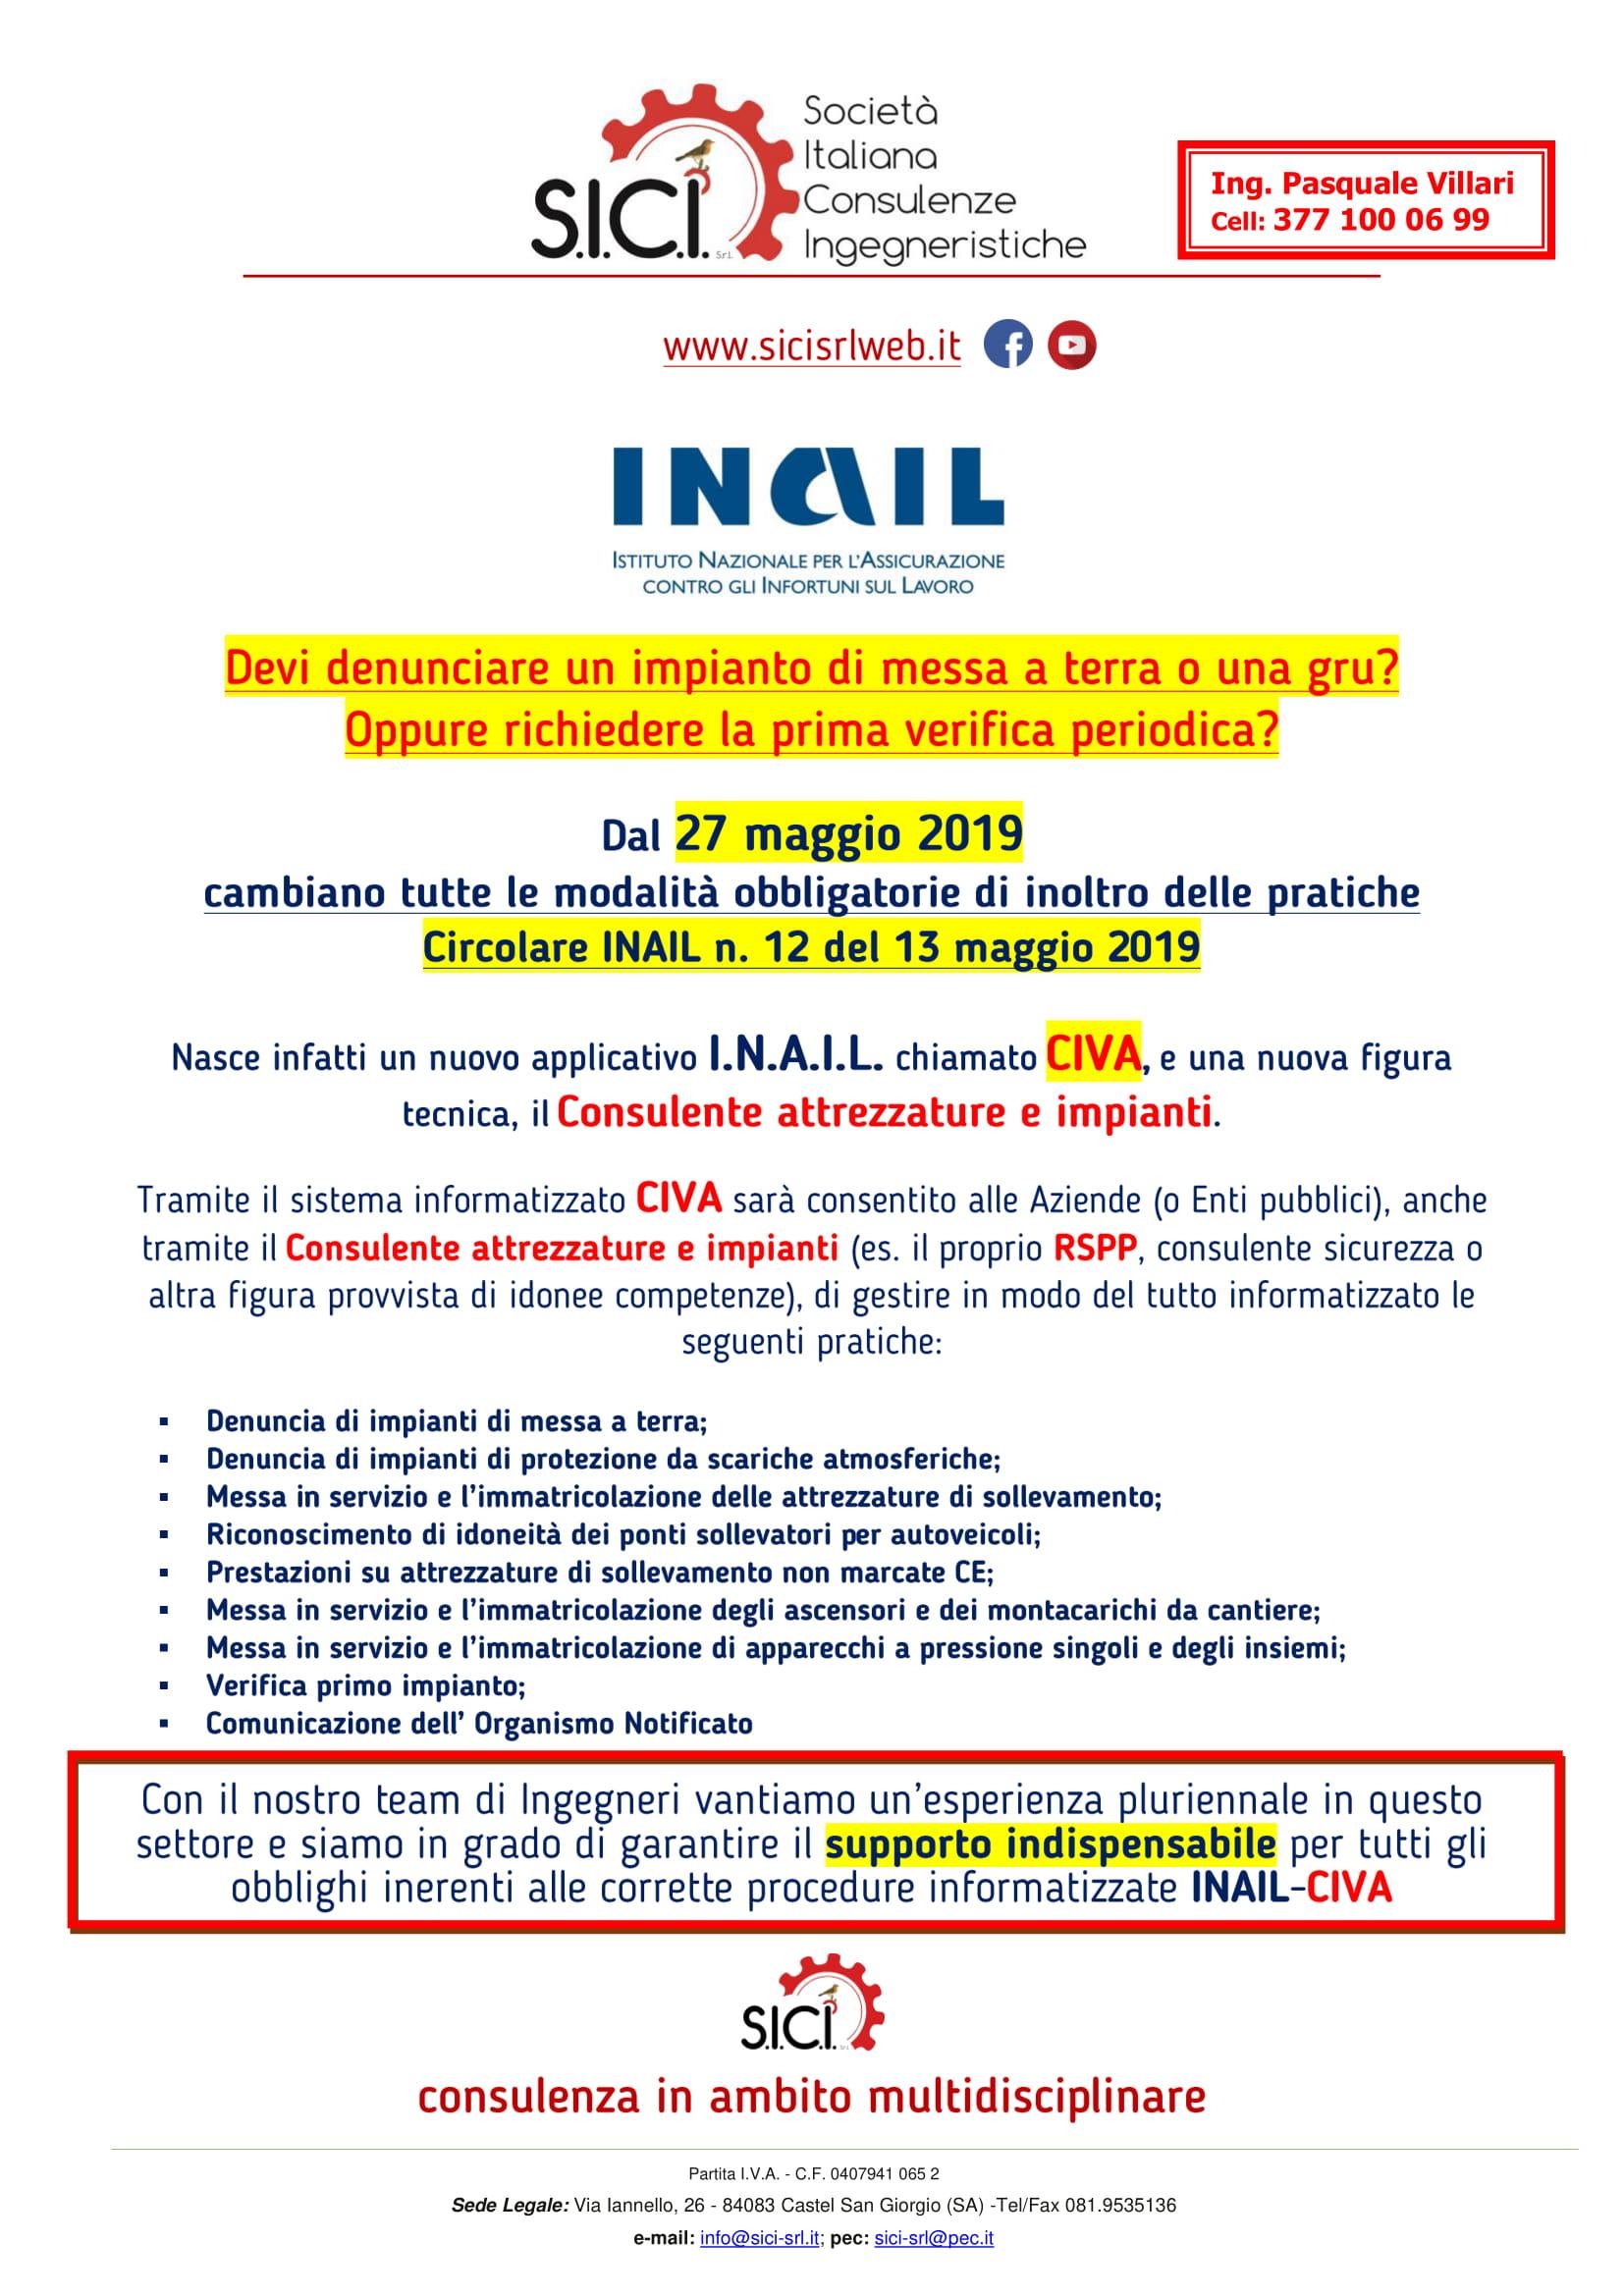 PRESENTAZIONE CIVA INAIL - SICI-1